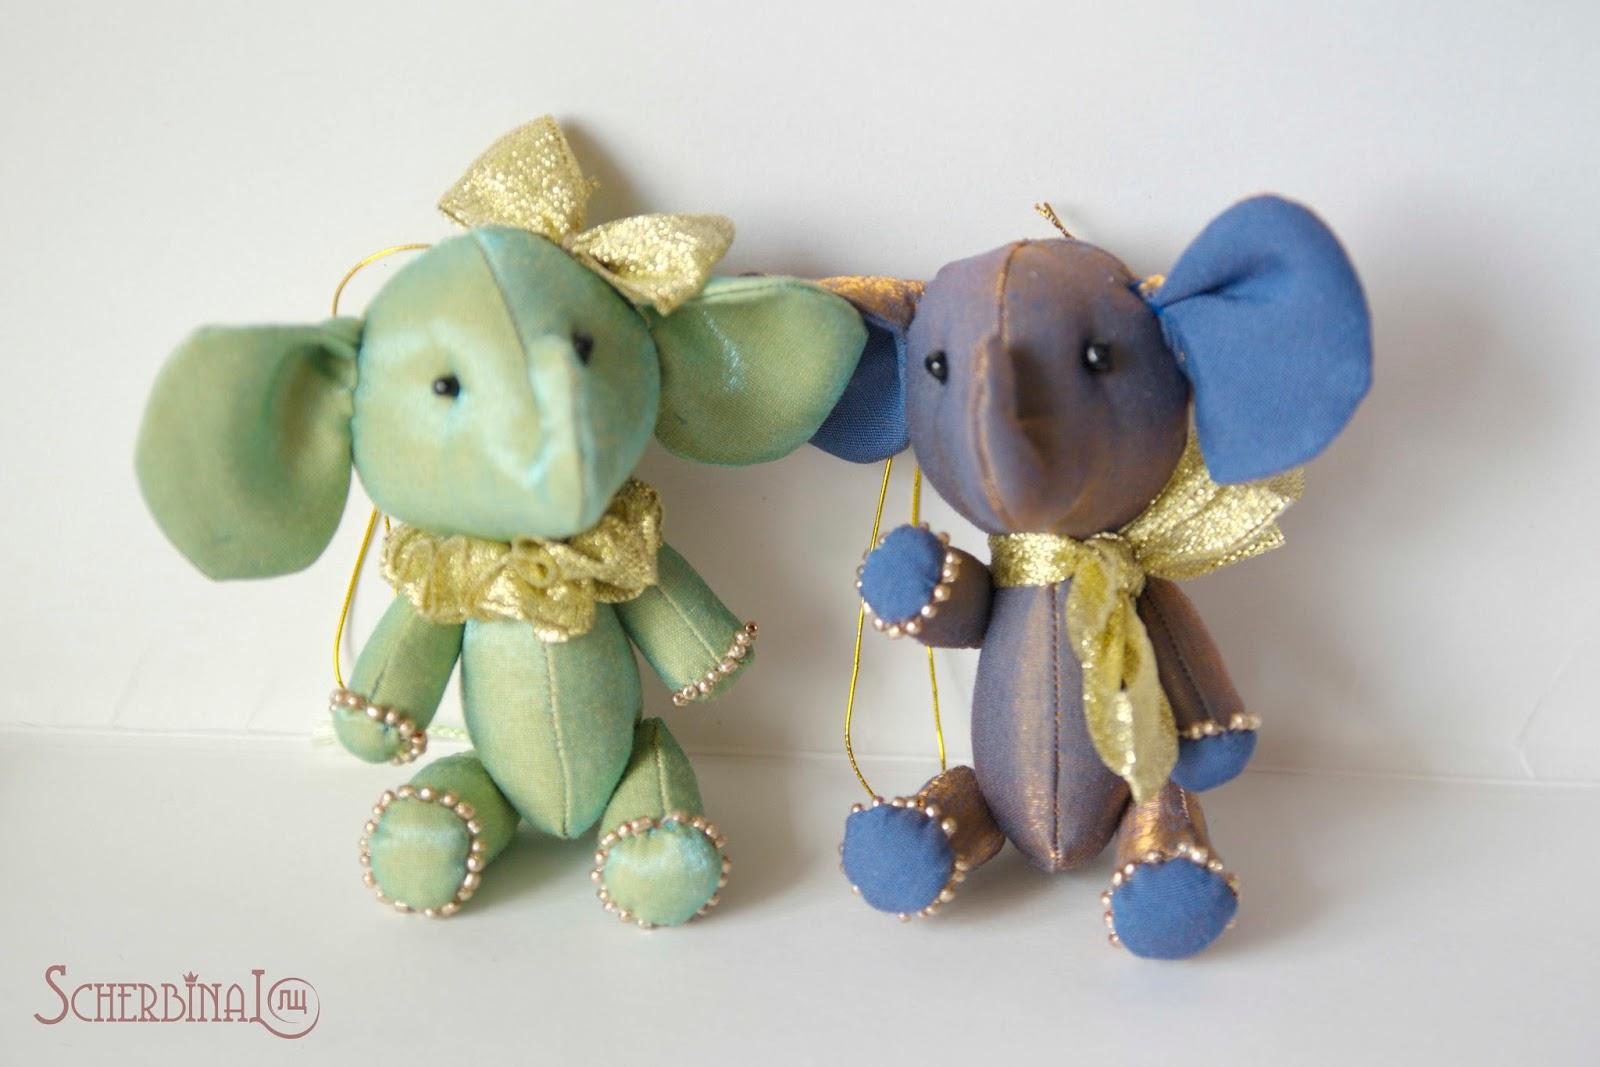 мини слоники, игрушки на ёлку своими руками